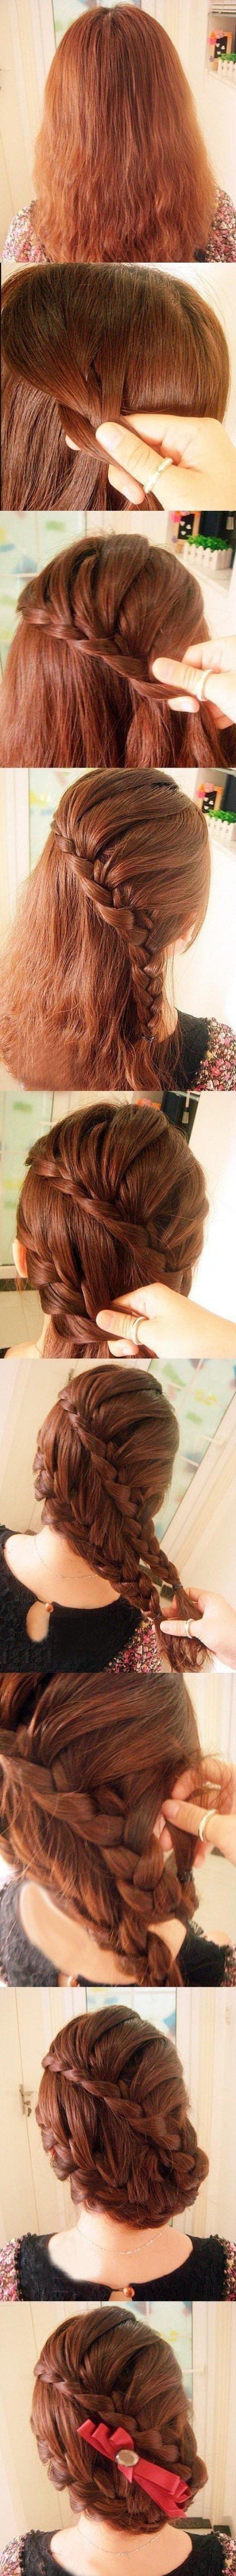 Плетение косы на бок пошаговые фото